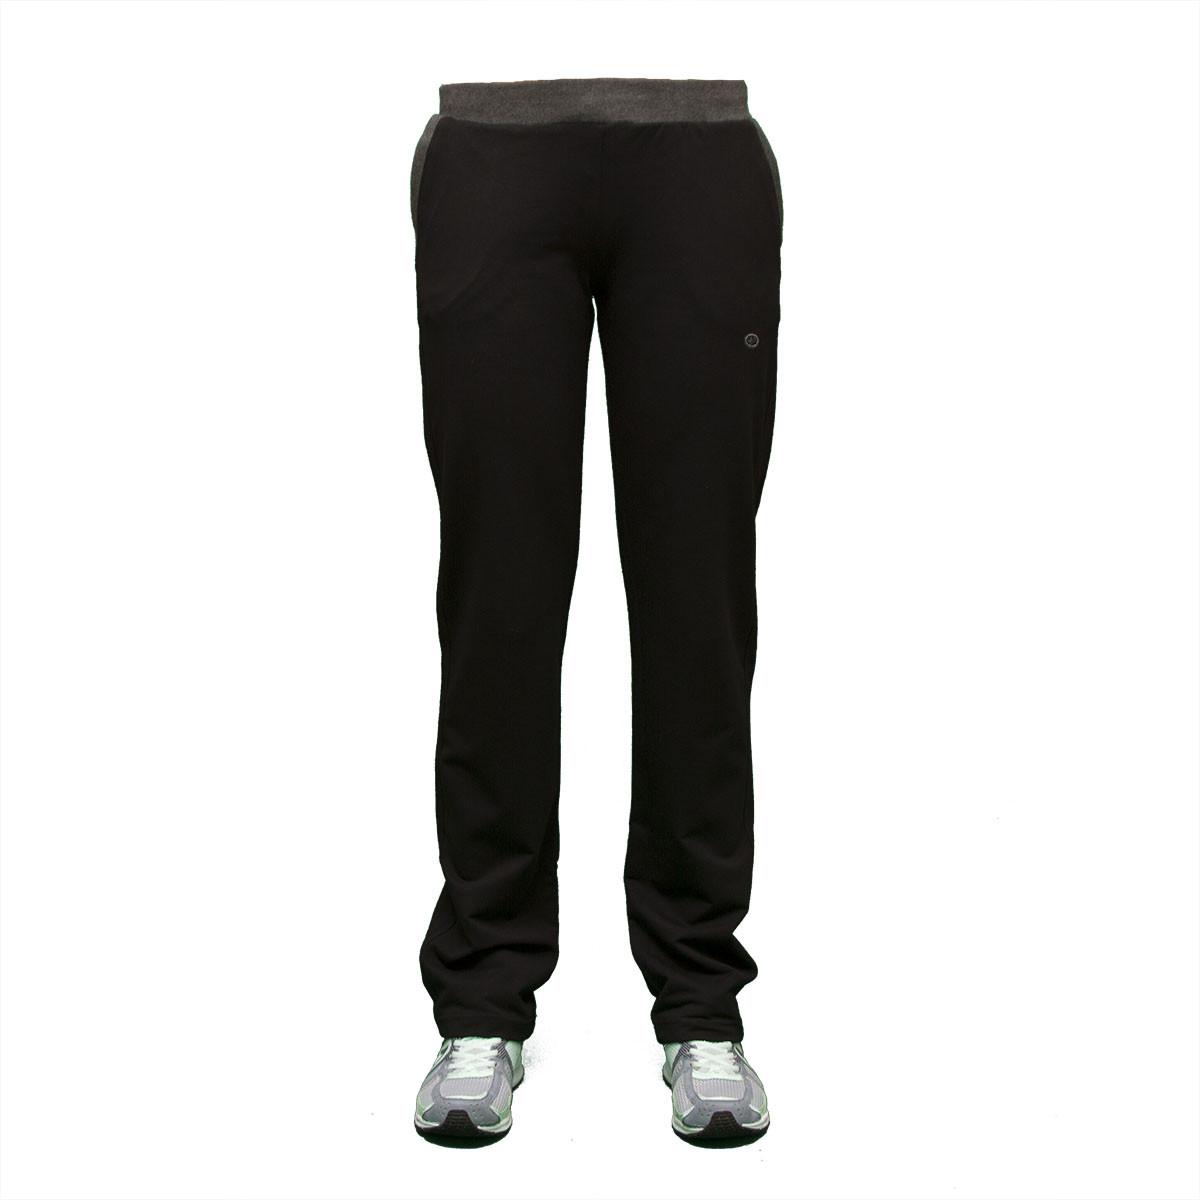 Турецкие спортивные женские брюки т.м. PIYERA фабричный пошив 147-1